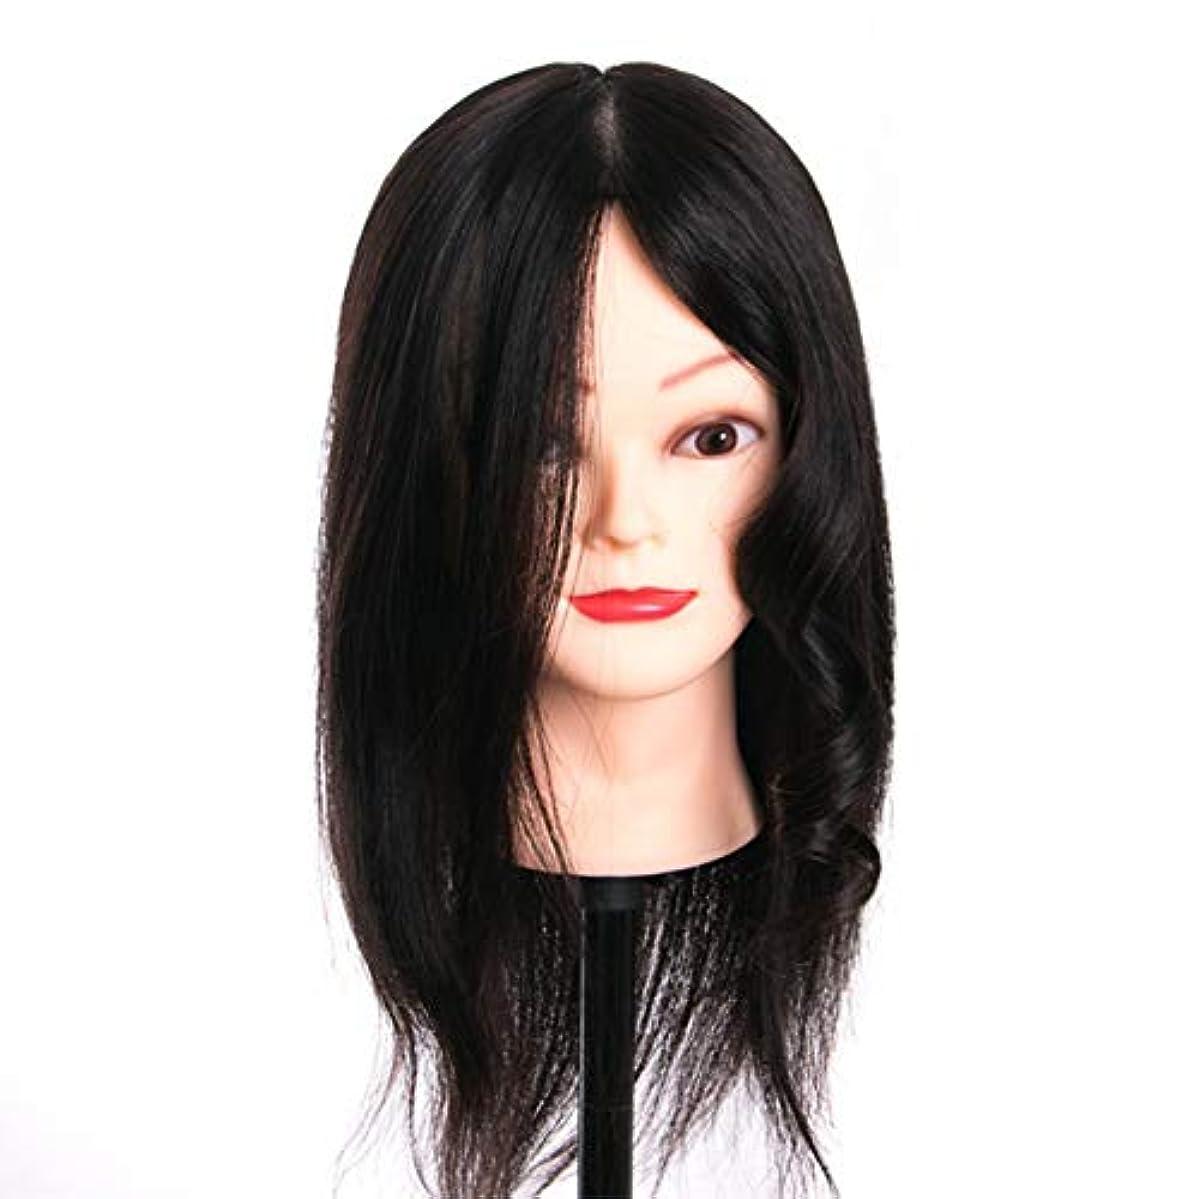 批判的舌出撃者メイクディスクヘアスタイリング編み教育ダミーヘッドサロンエクササイズヘッド金型理髪ヘアカットトレーニングかつら3個